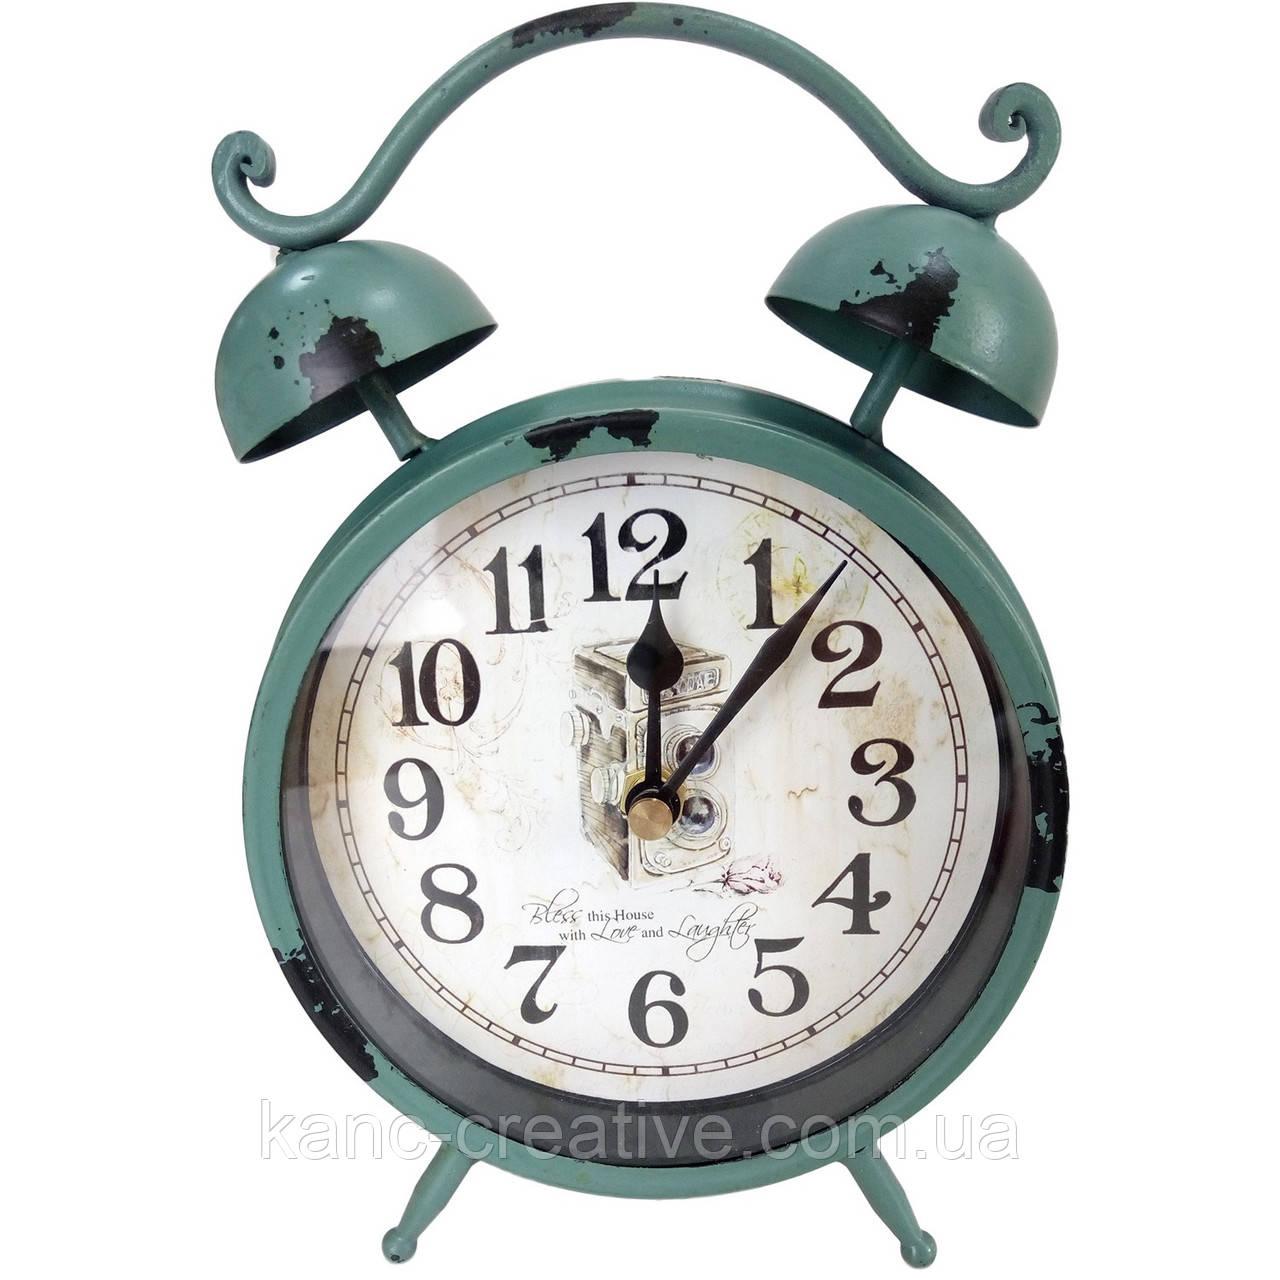 Часы ретро продать апл часов стоимость